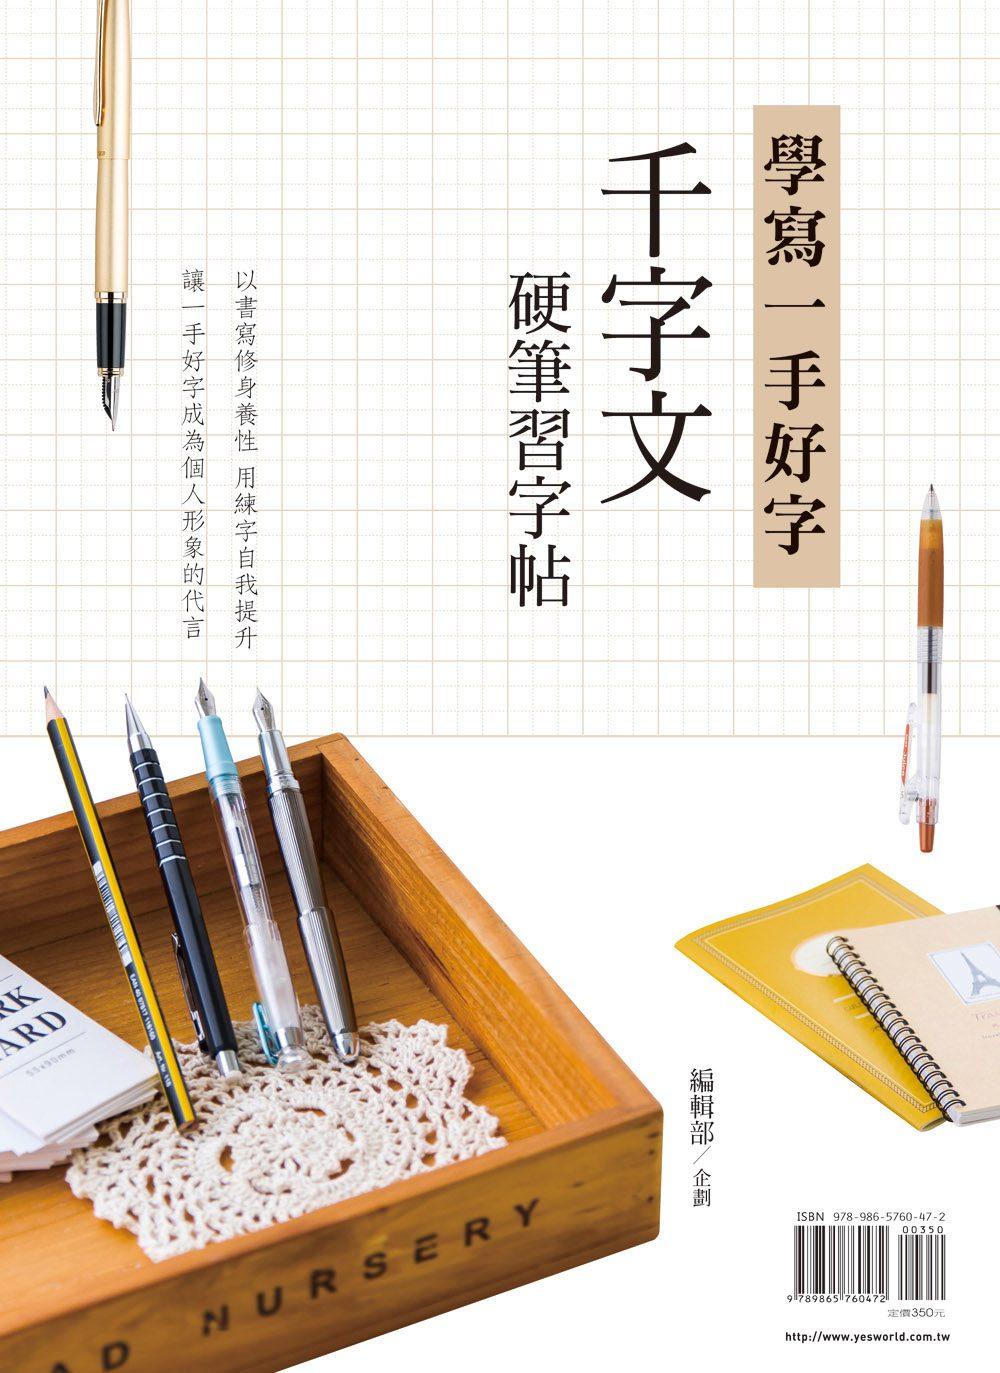 三聯書店 | Joint Publishing HK - 大家的日本語 初級Ⅱ …